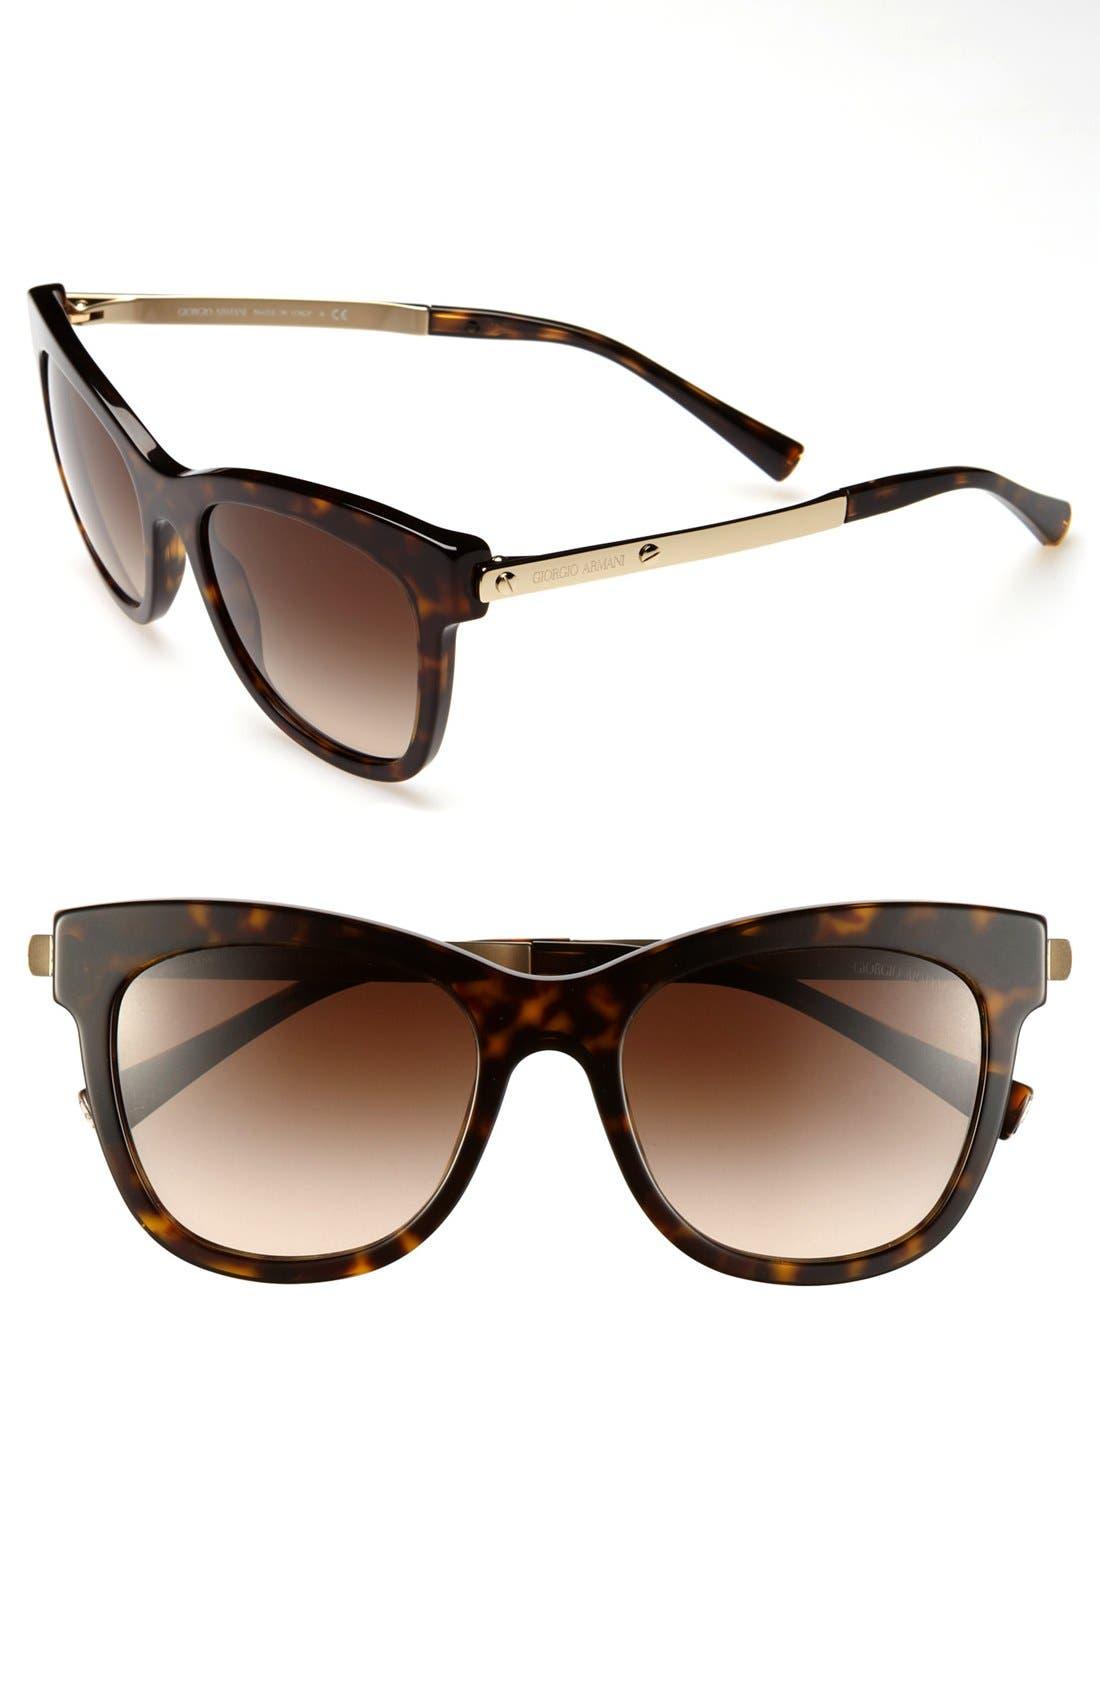 Main Image - Giorgio Armani 54mm Sunglasses